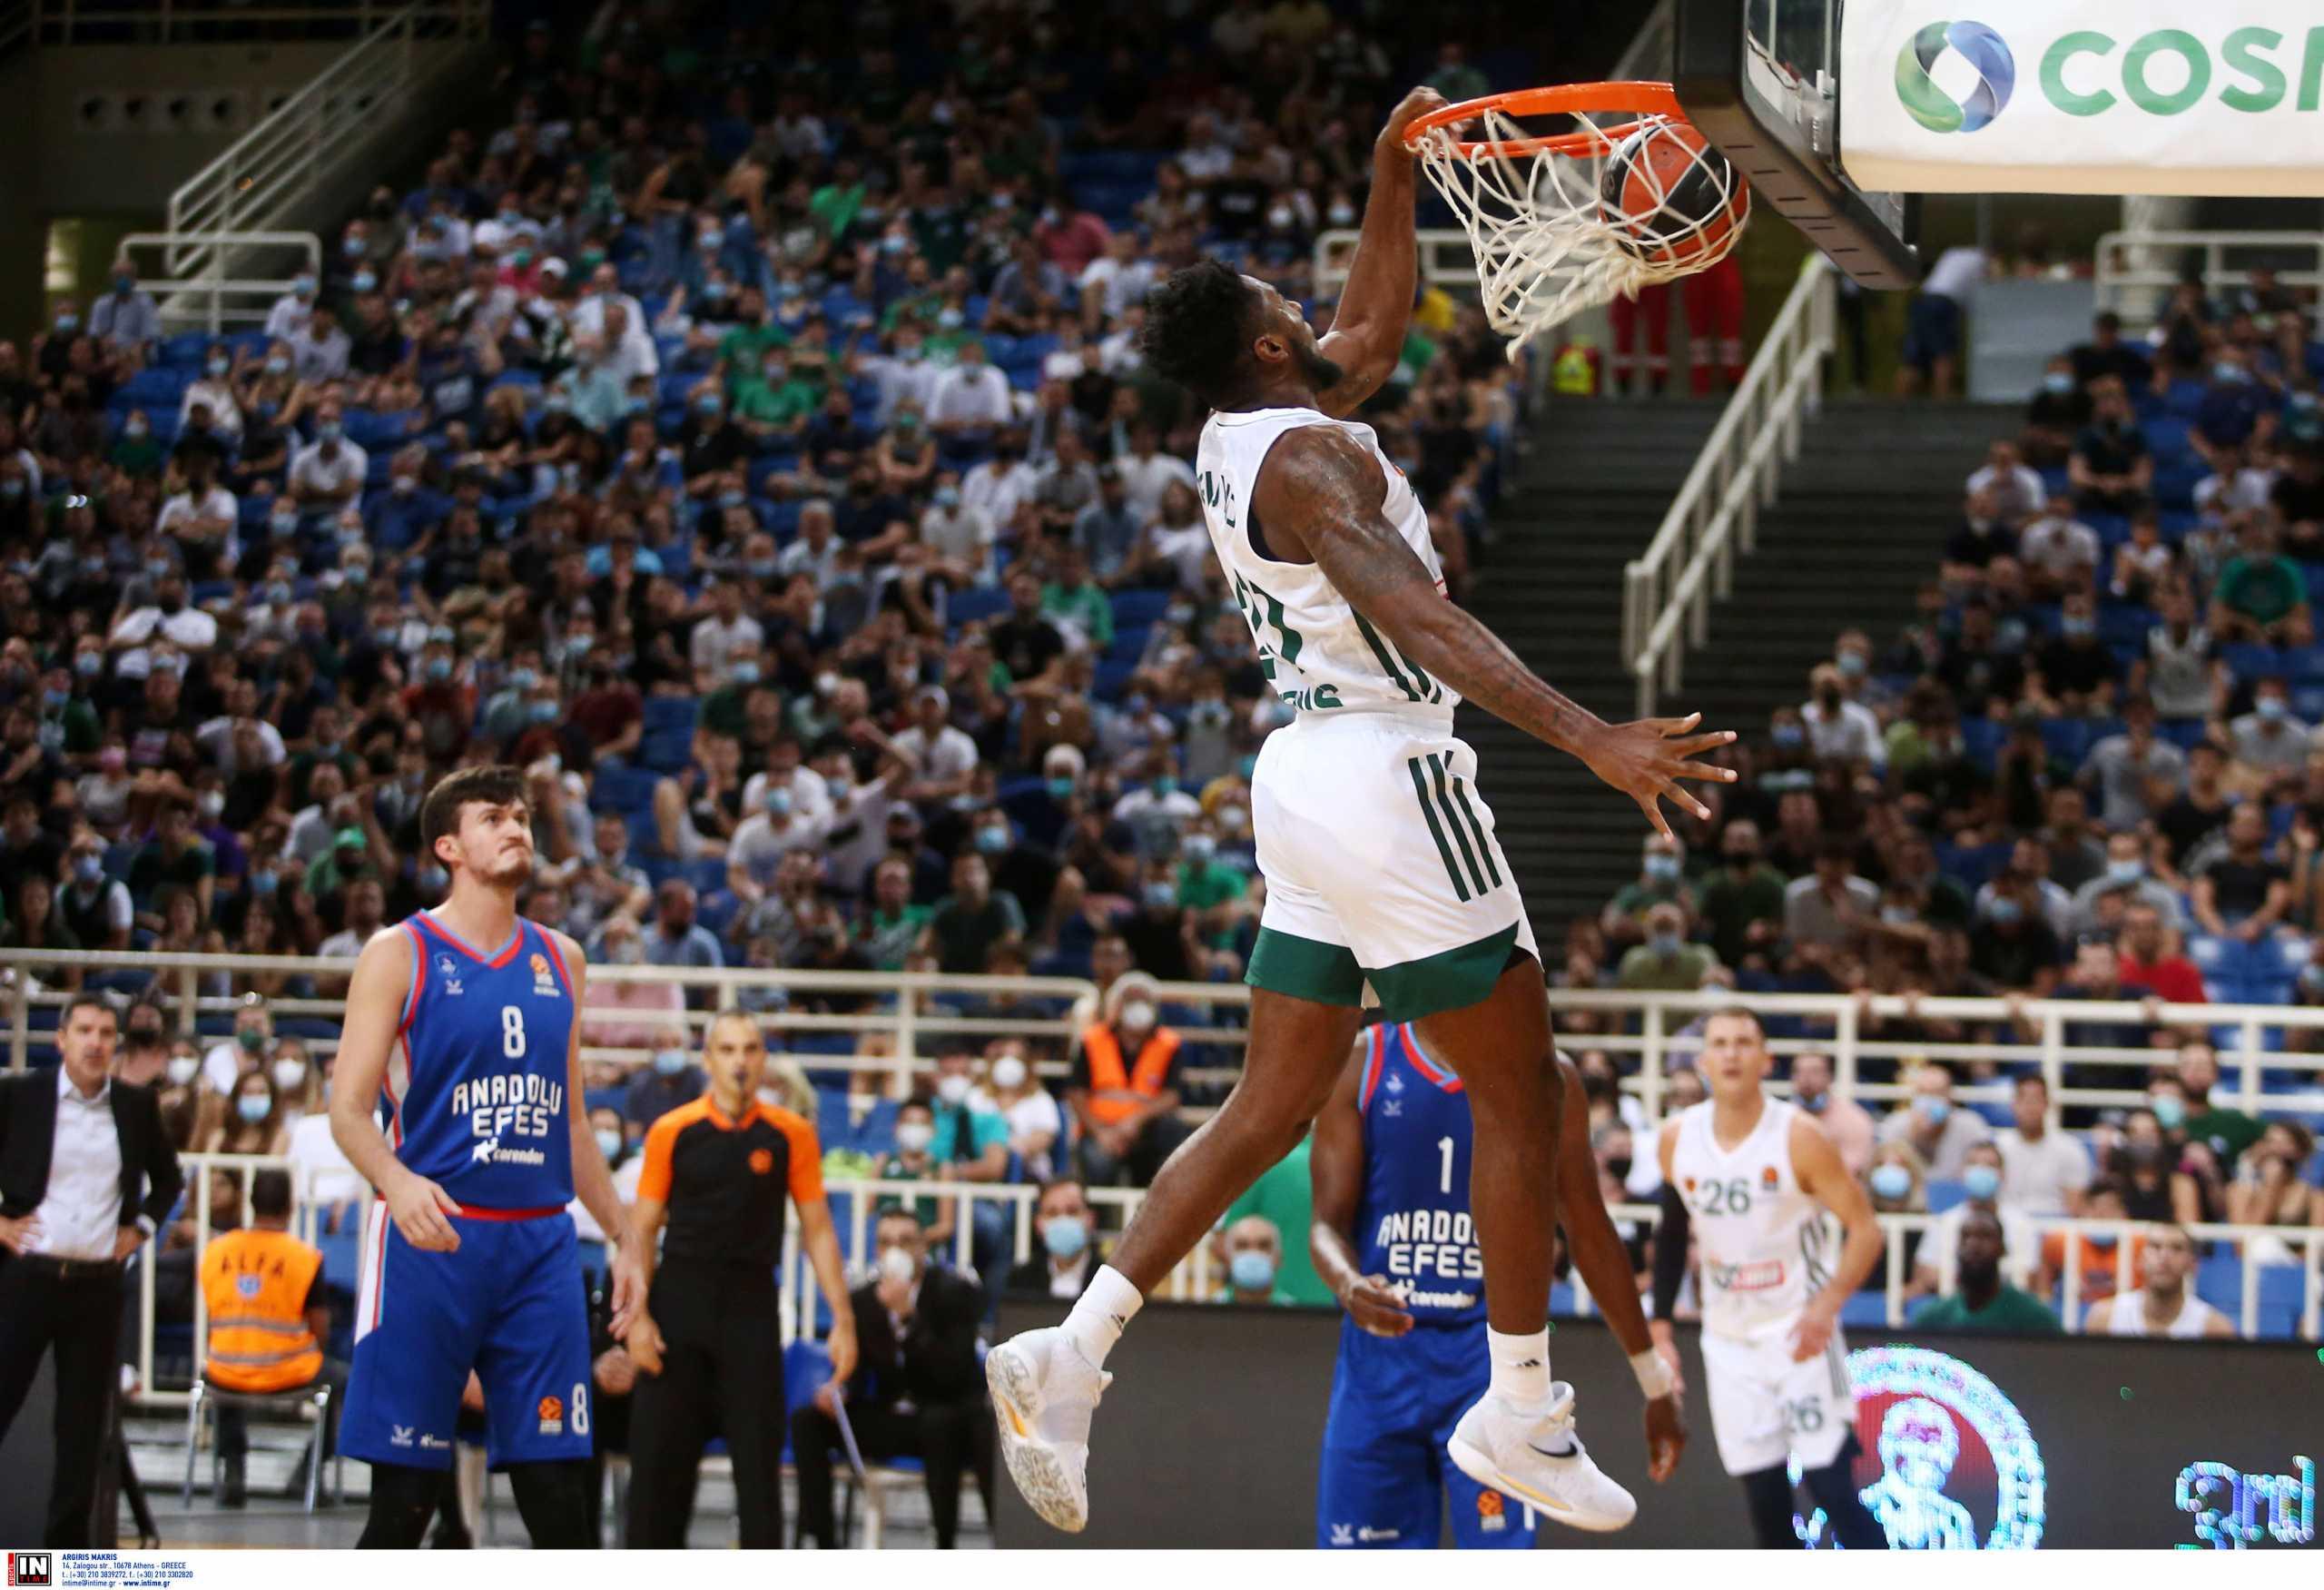 Παναθηναϊκός – Αναντολού Εφές 80-74: «Δάγκωσαν» την πρωταθλήτρια Ευρώπης οι «πράσινοι»